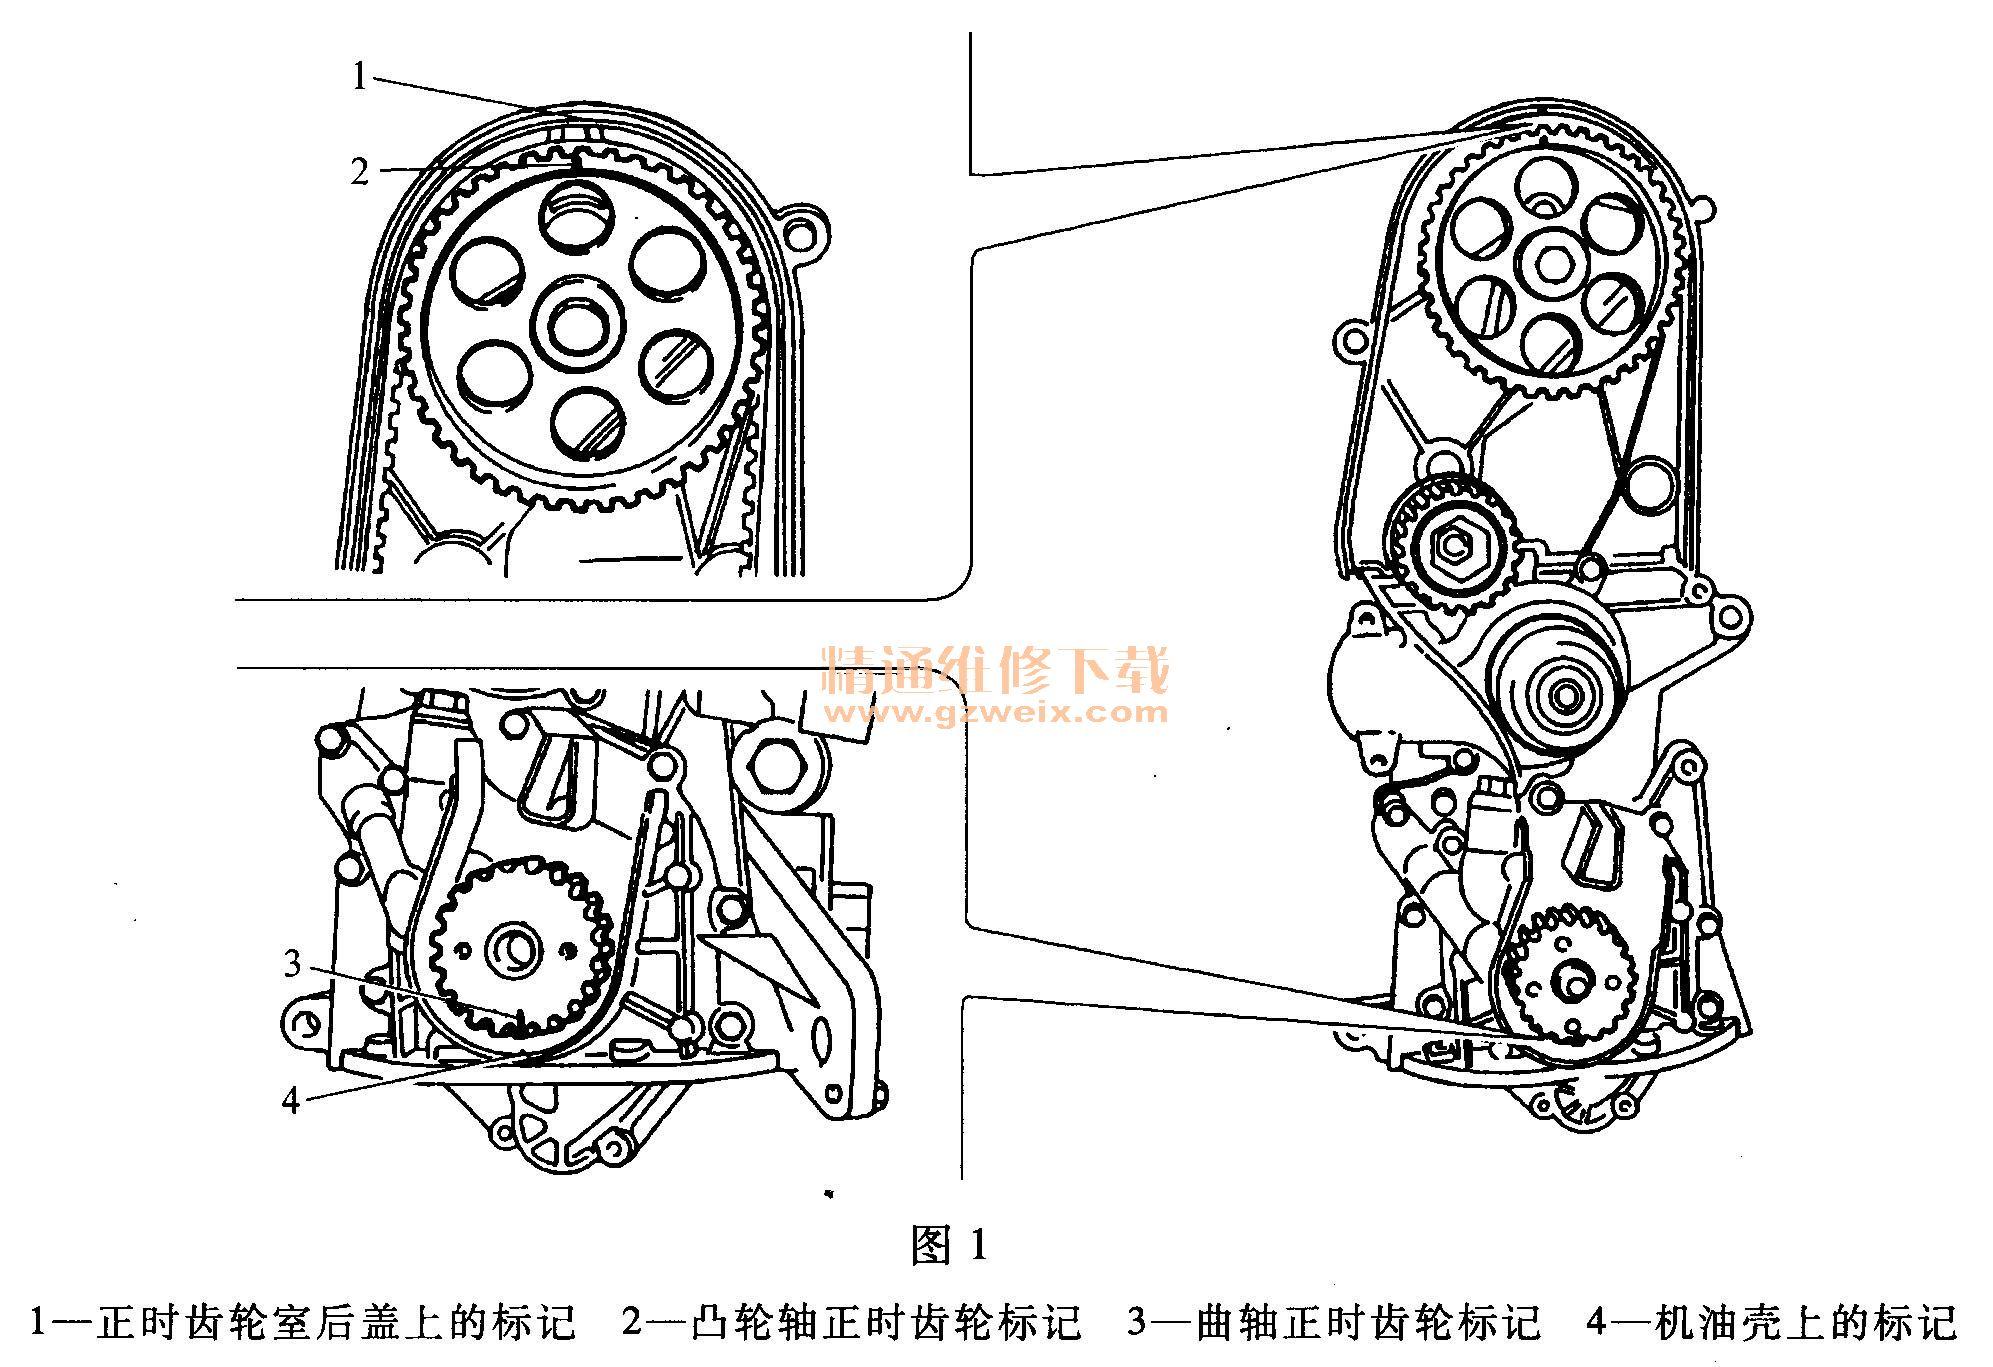 菲亚特派力奥 1. 5l 1461 发动机正时校对方法 高清图片